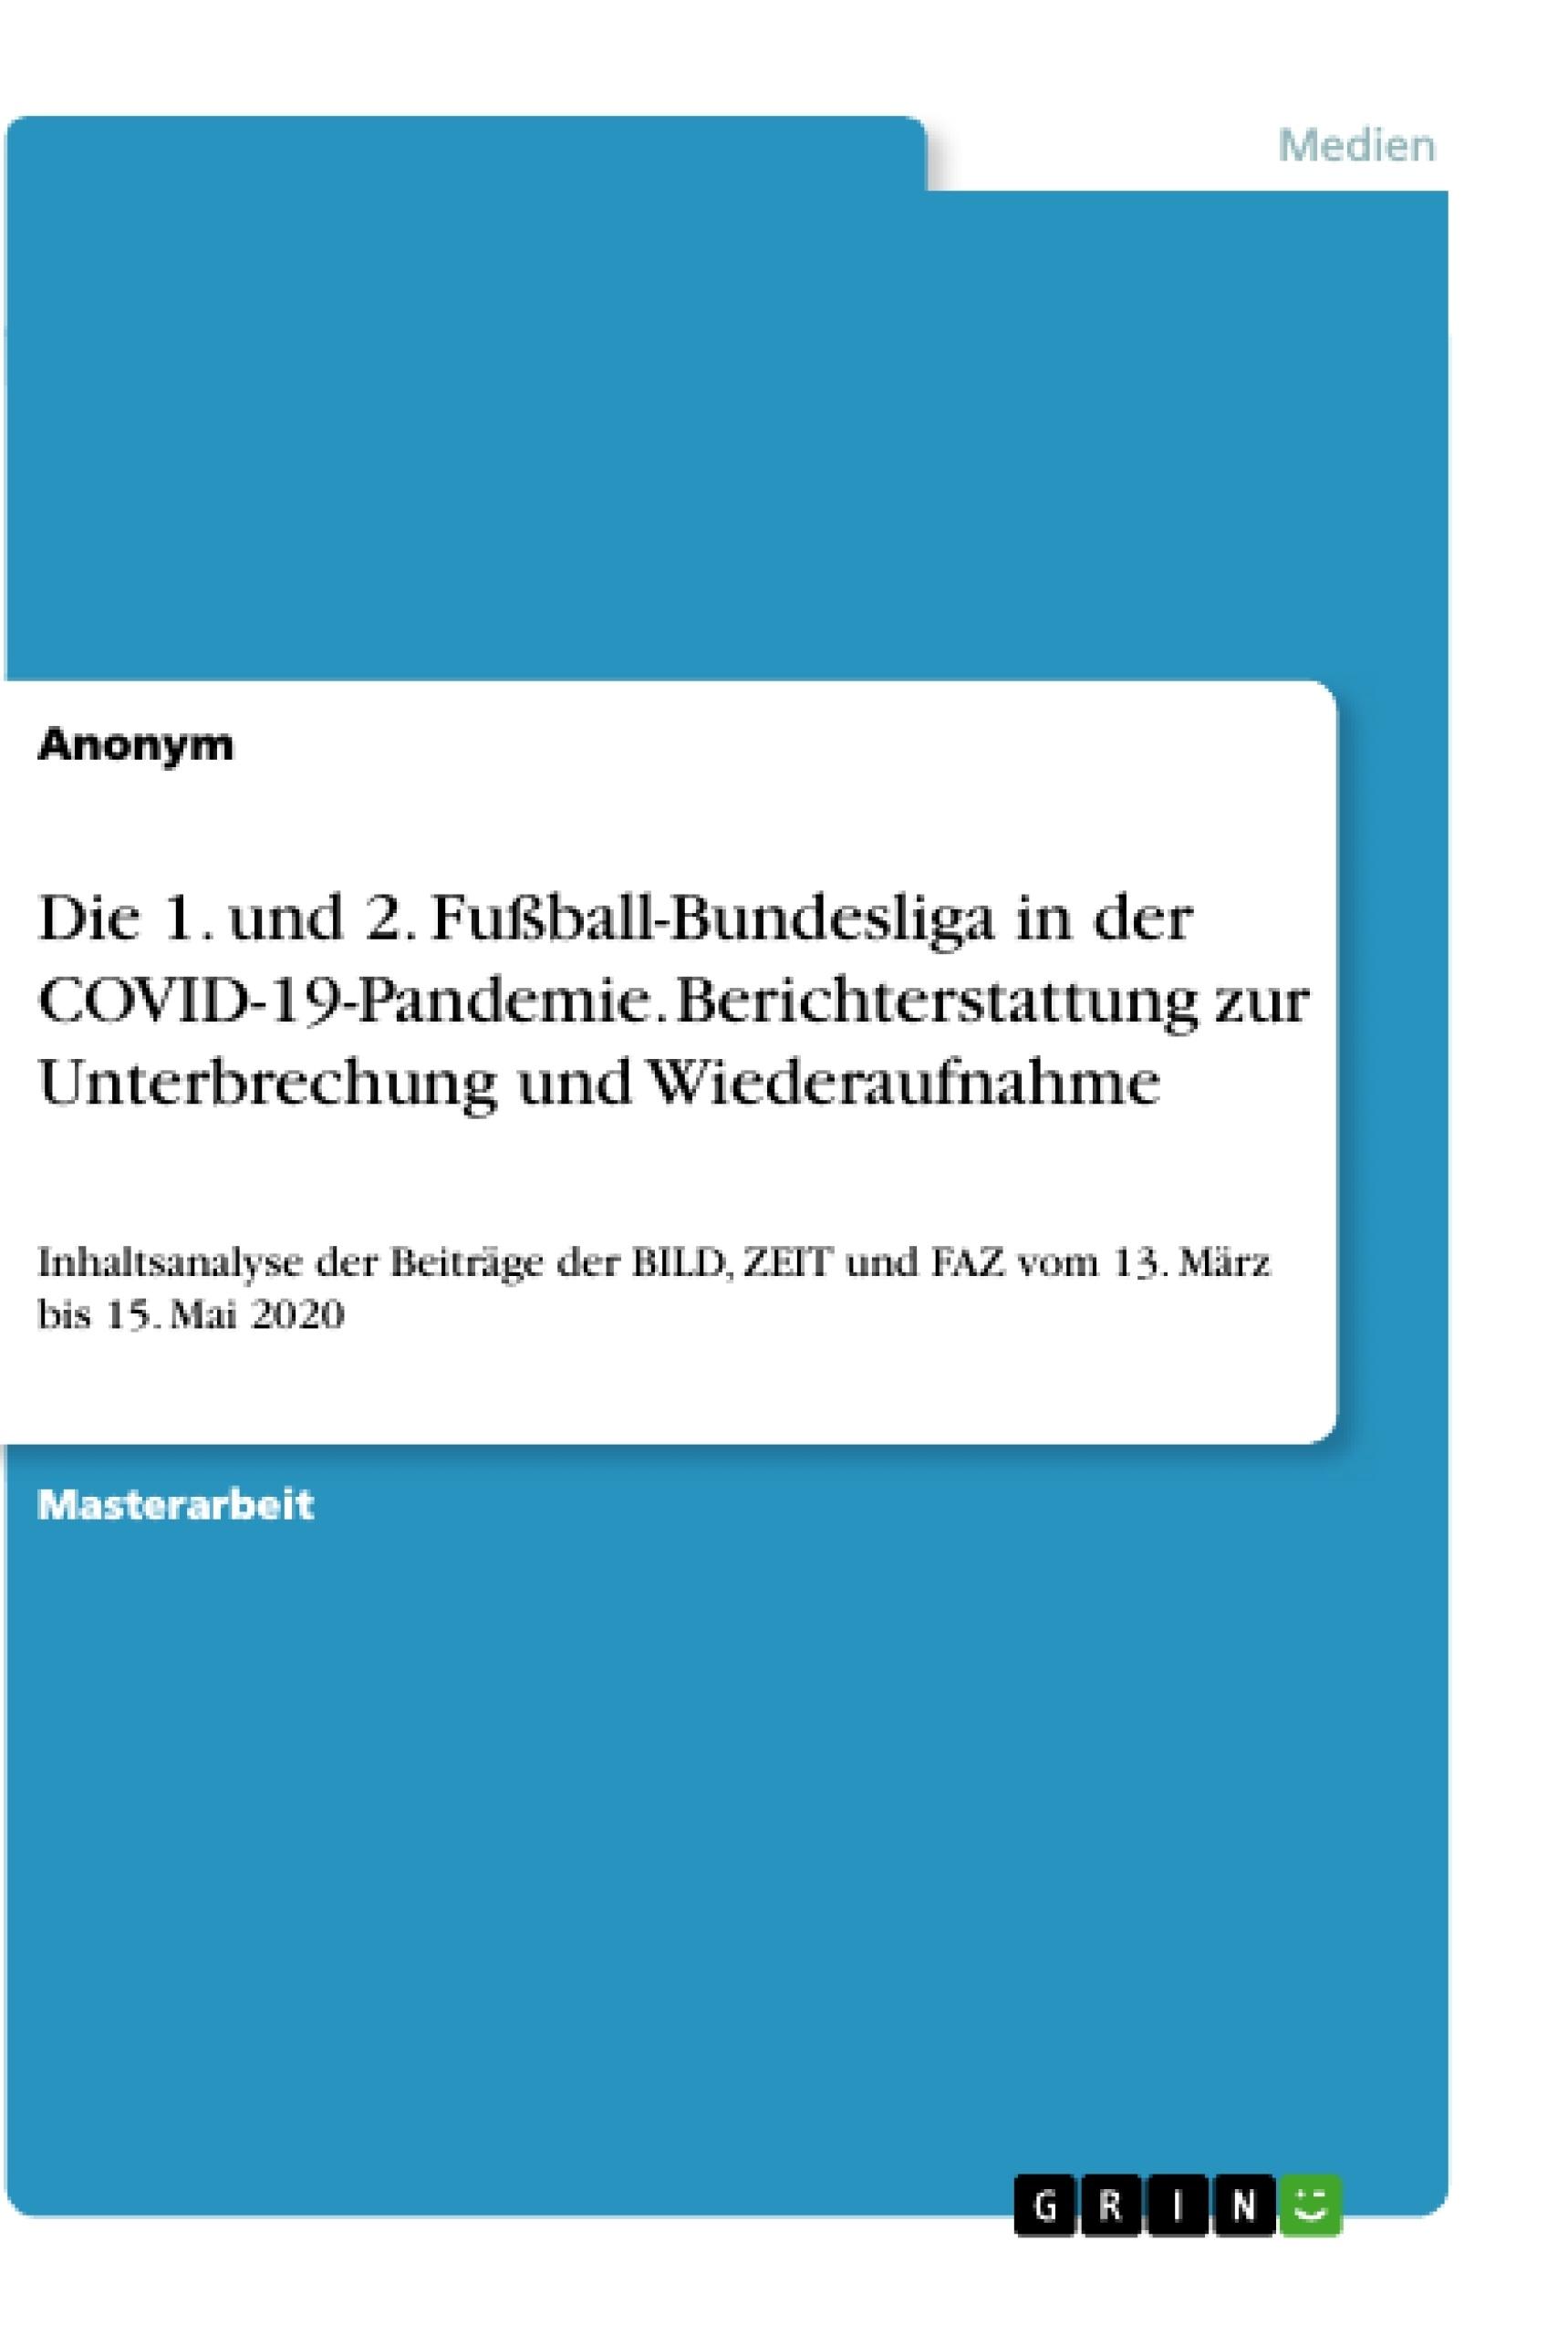 Titel: Die 1. und 2. Fußball-Bundesliga in der COVID-19-Pandemie. Berichterstattung zur Unterbrechung und Wiederaufnahme